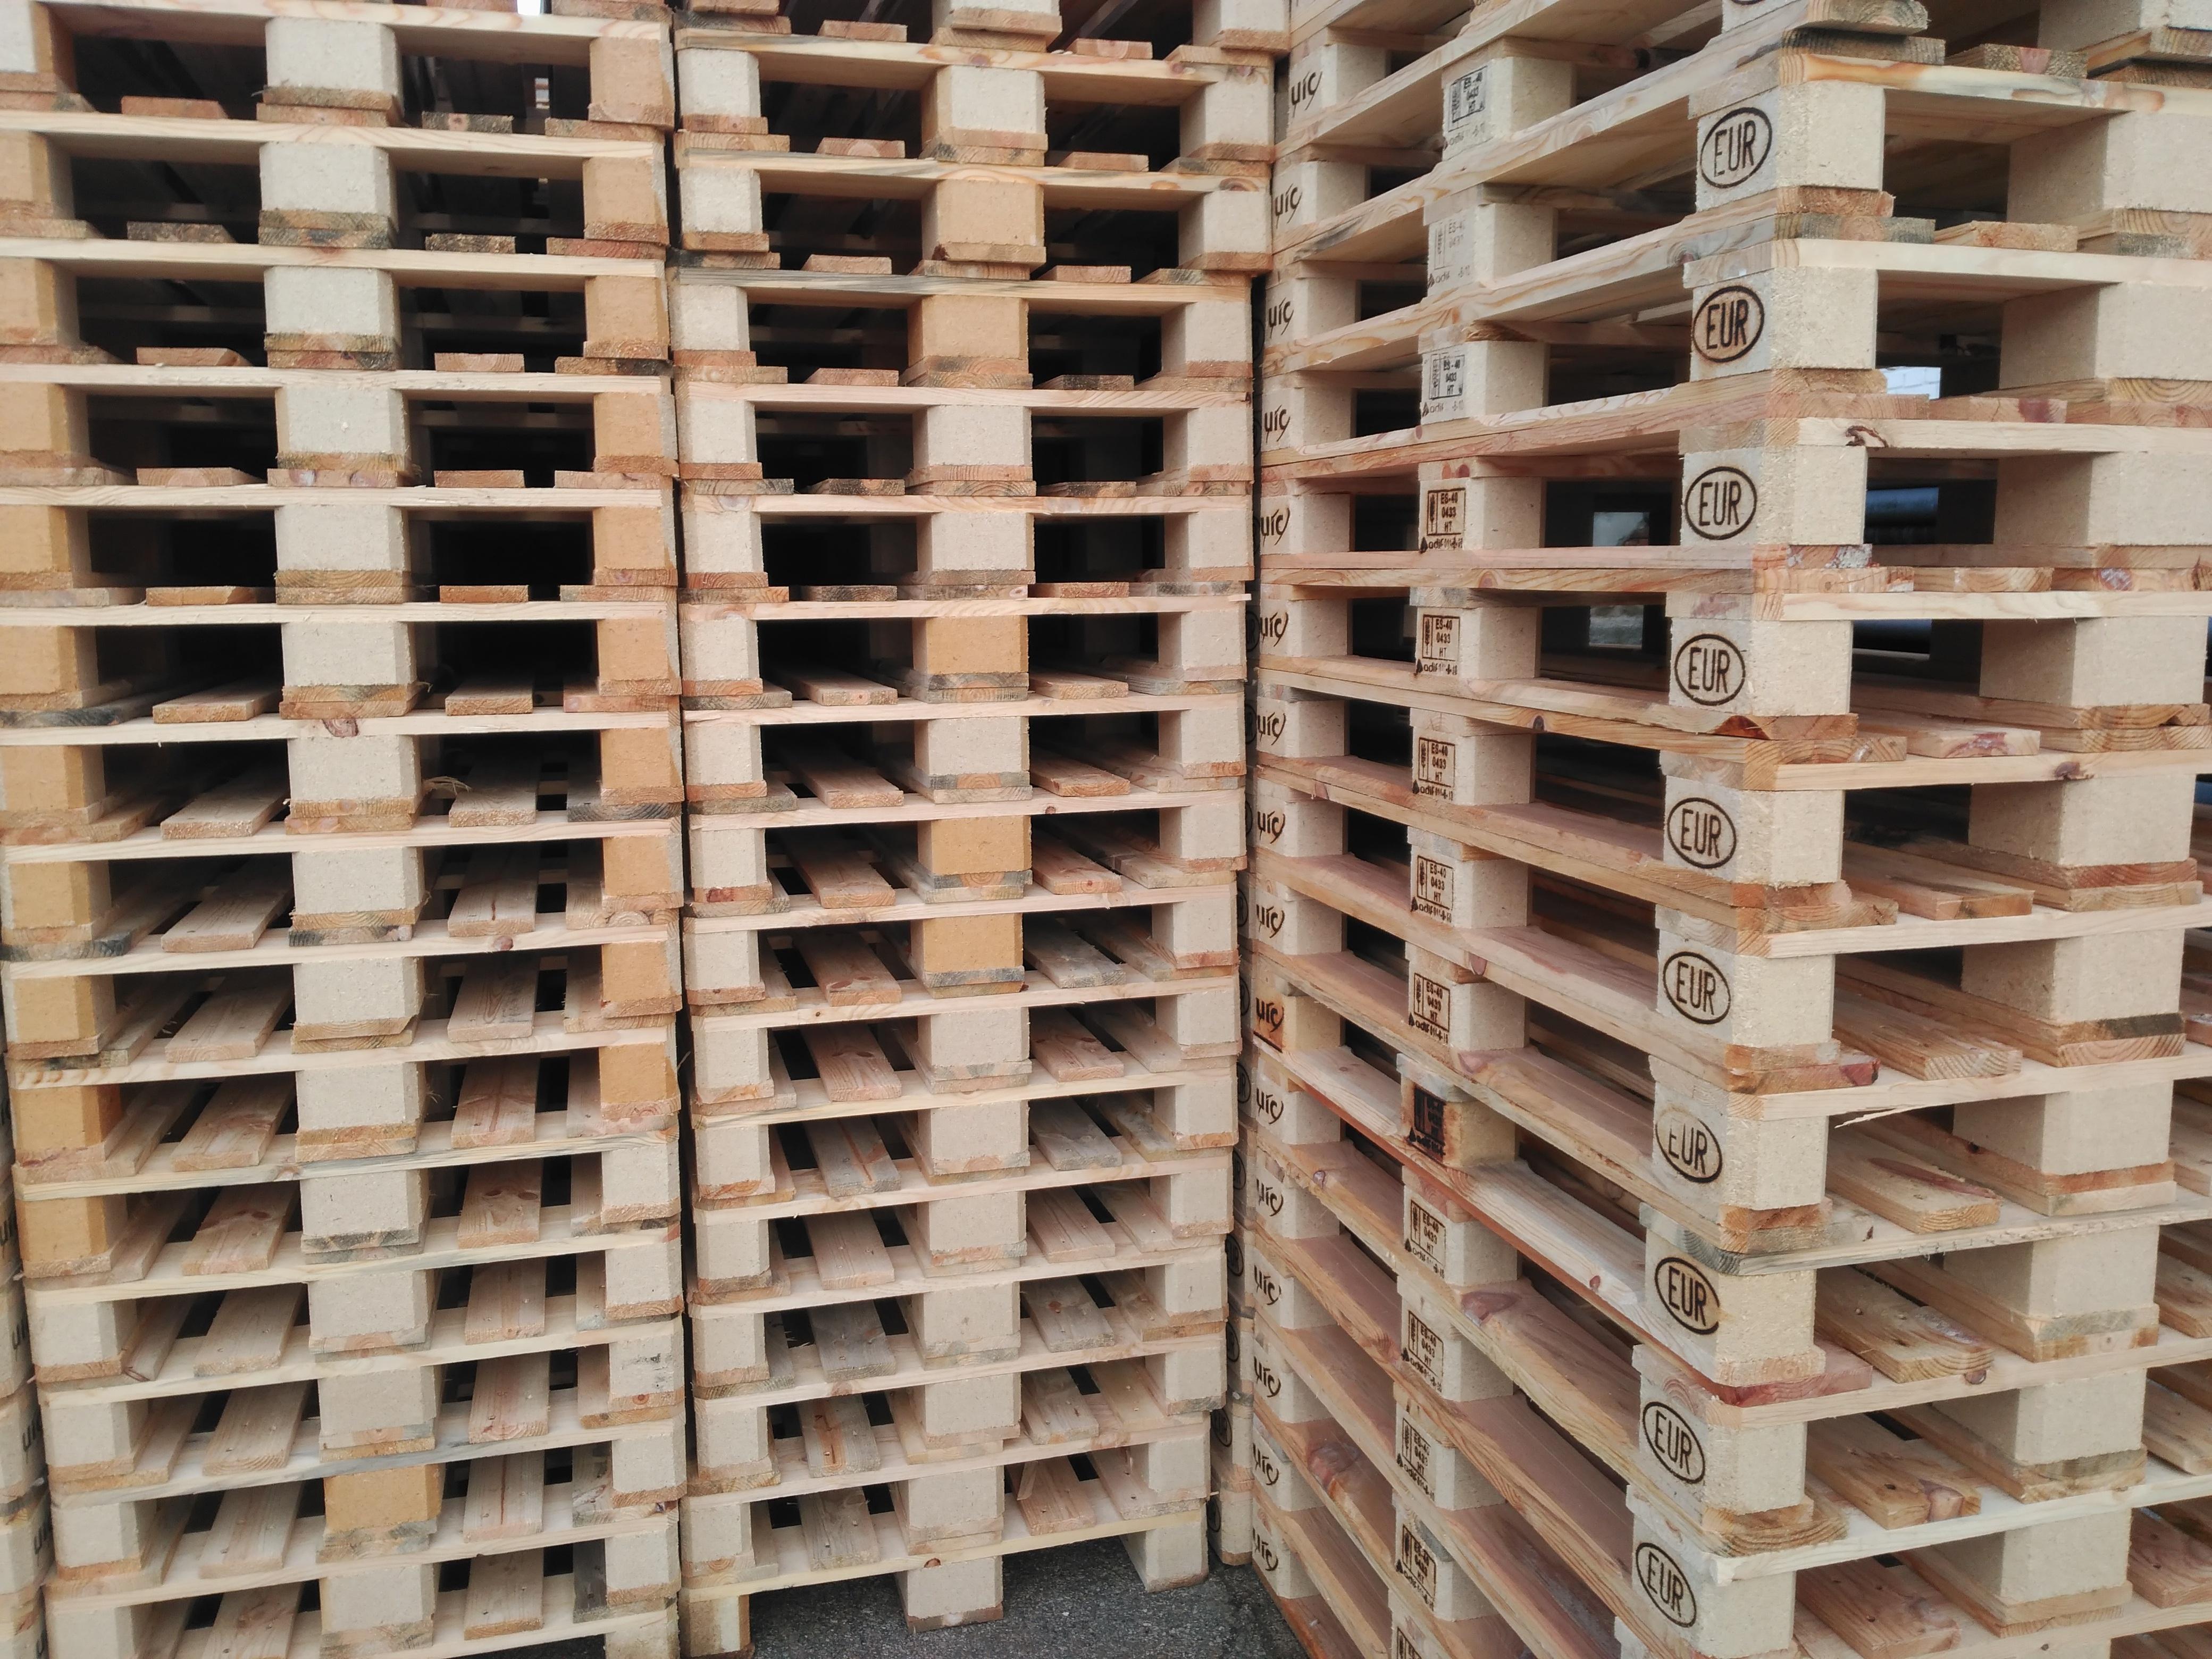 Images gratuites bois mod le empiler meubles brique - Cherche palettes bois gratuites ...